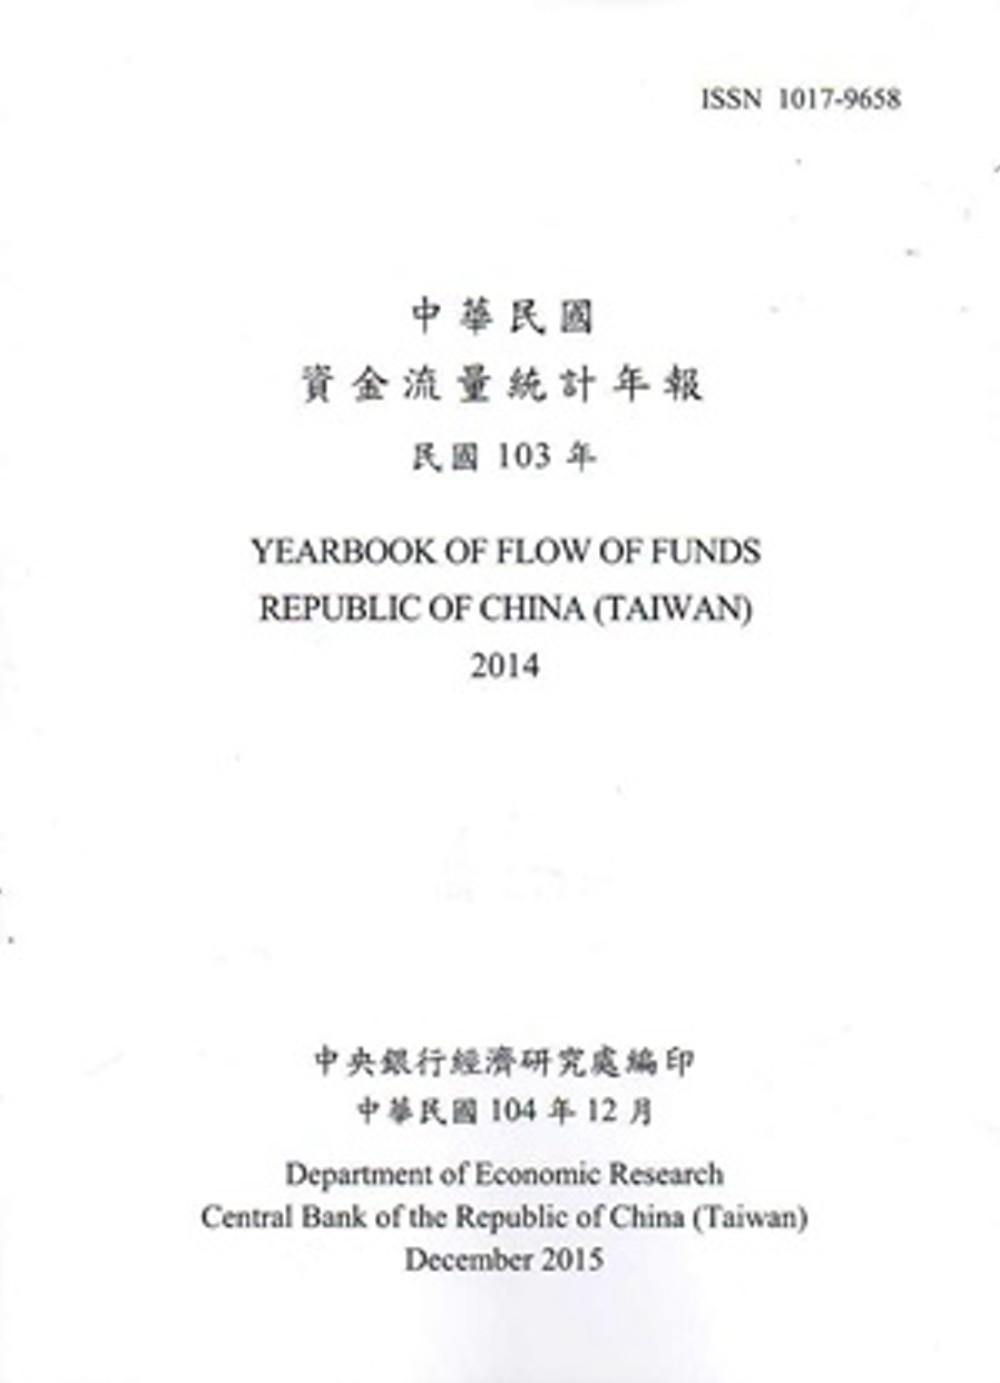 中華民國資金流量統計年報104年12月(民國103年)